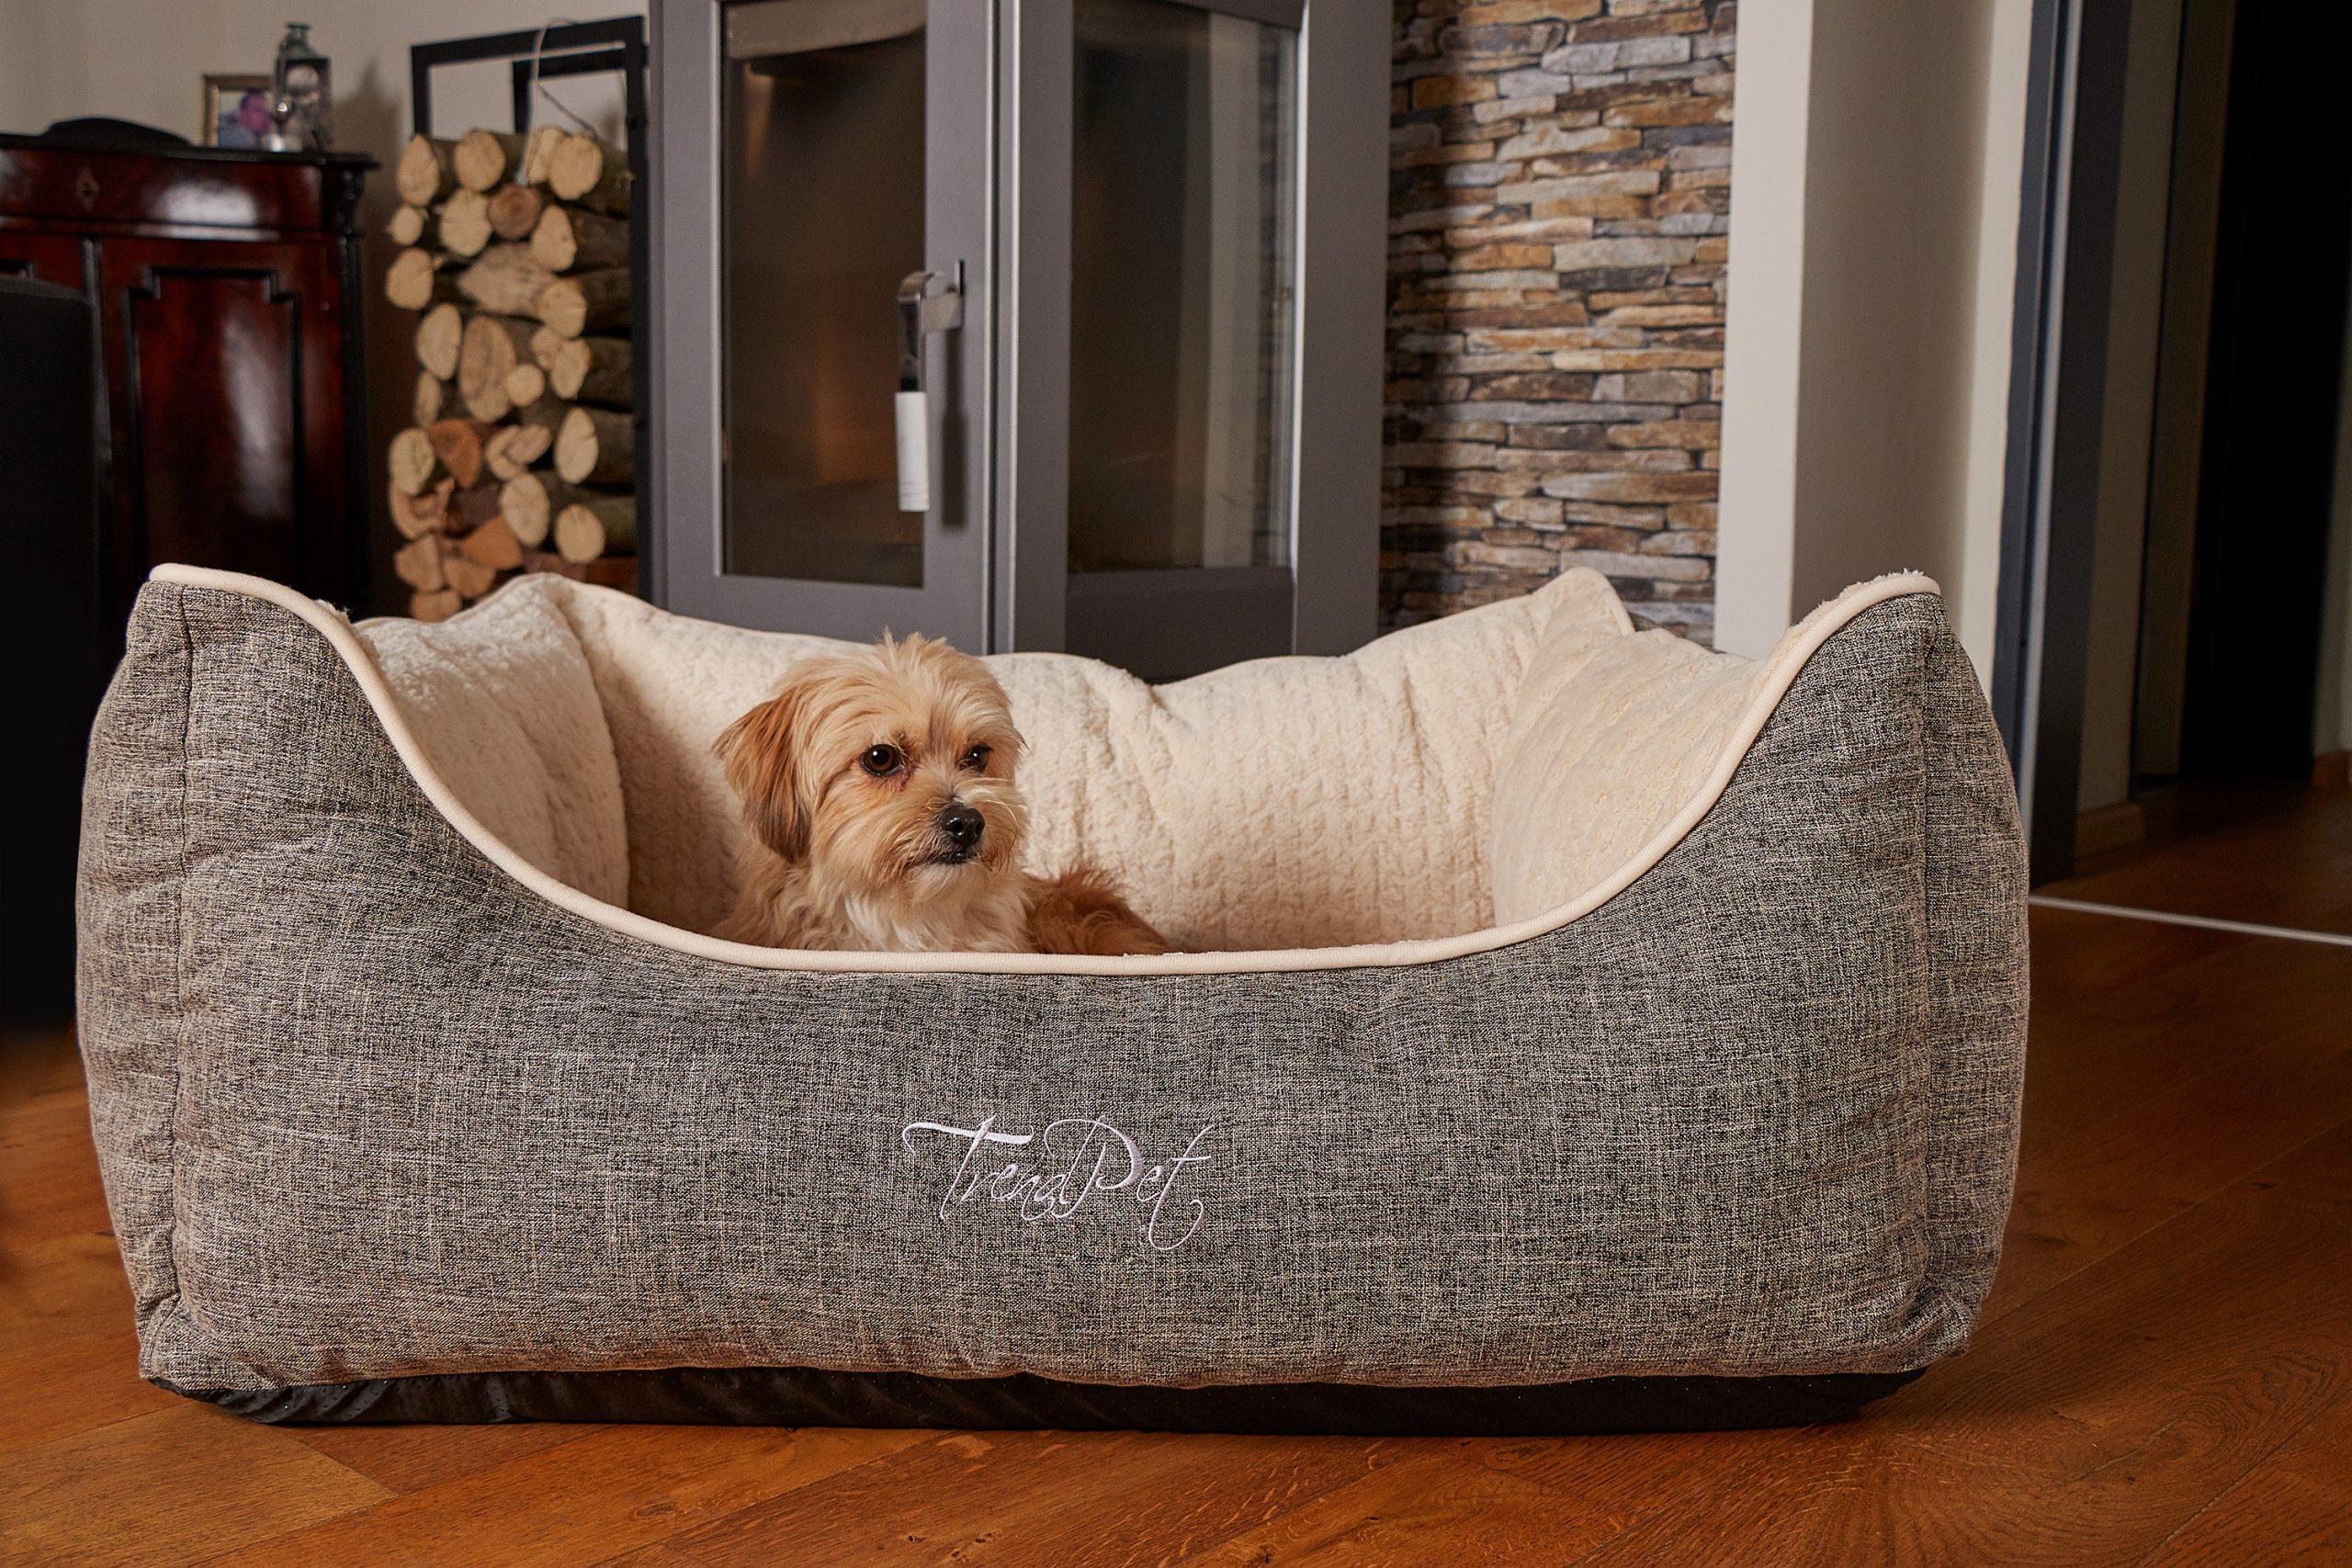 Full Size of Hundebett Test Wolke Flocke 90 Cm Rund Xxl Bitiba Kunstleder 125 Hundebettenmanufaktur Vitabed Orthopdisches Mit 5cm Matratze Hundebetten Betten 160x200 Bett Hunde Bett